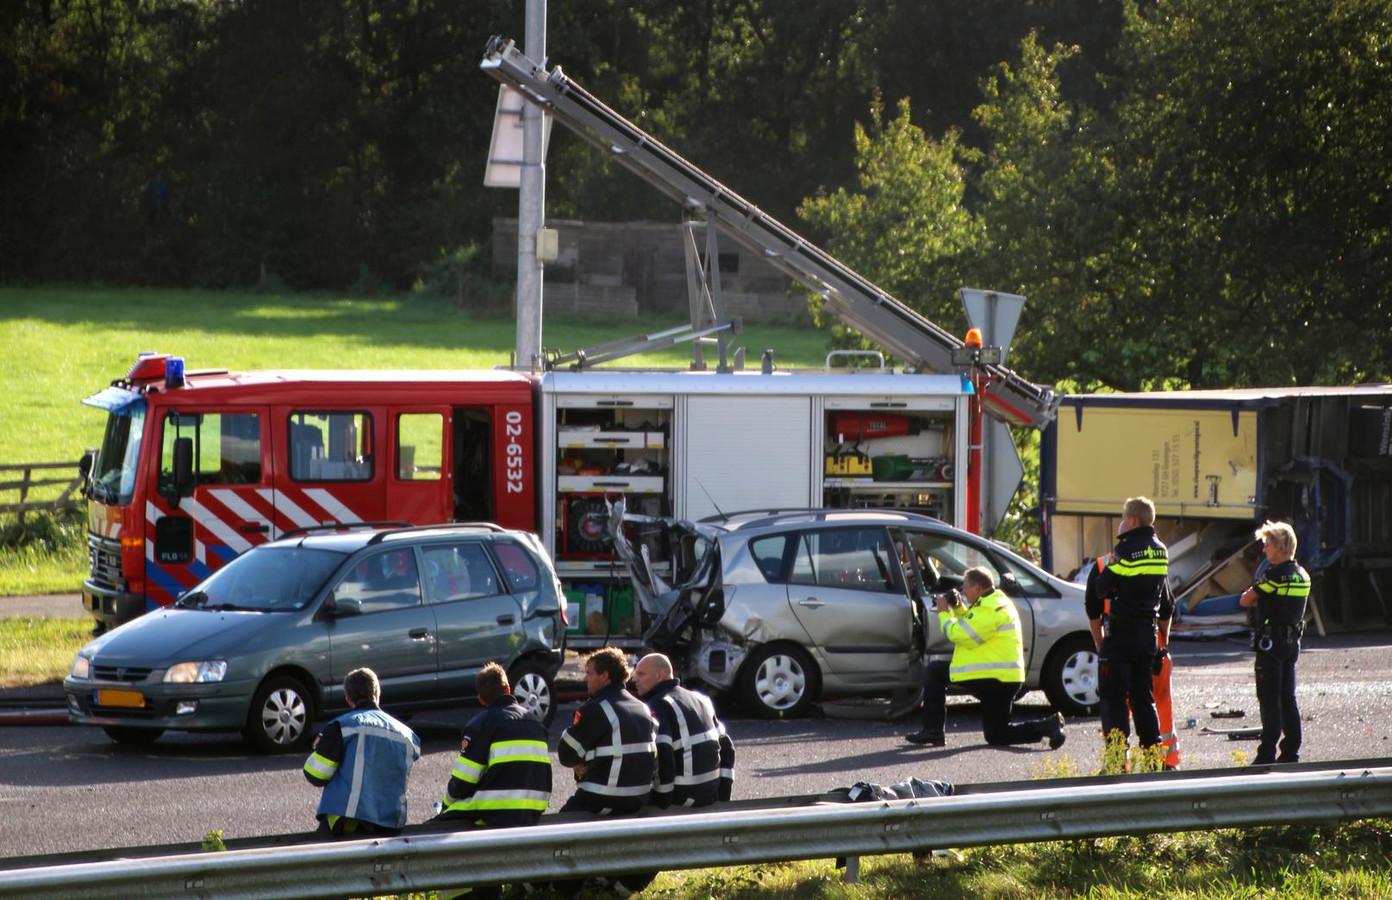 De verkeersongevallenanalyse doet nader onderzoek naar de precieze toedracht.